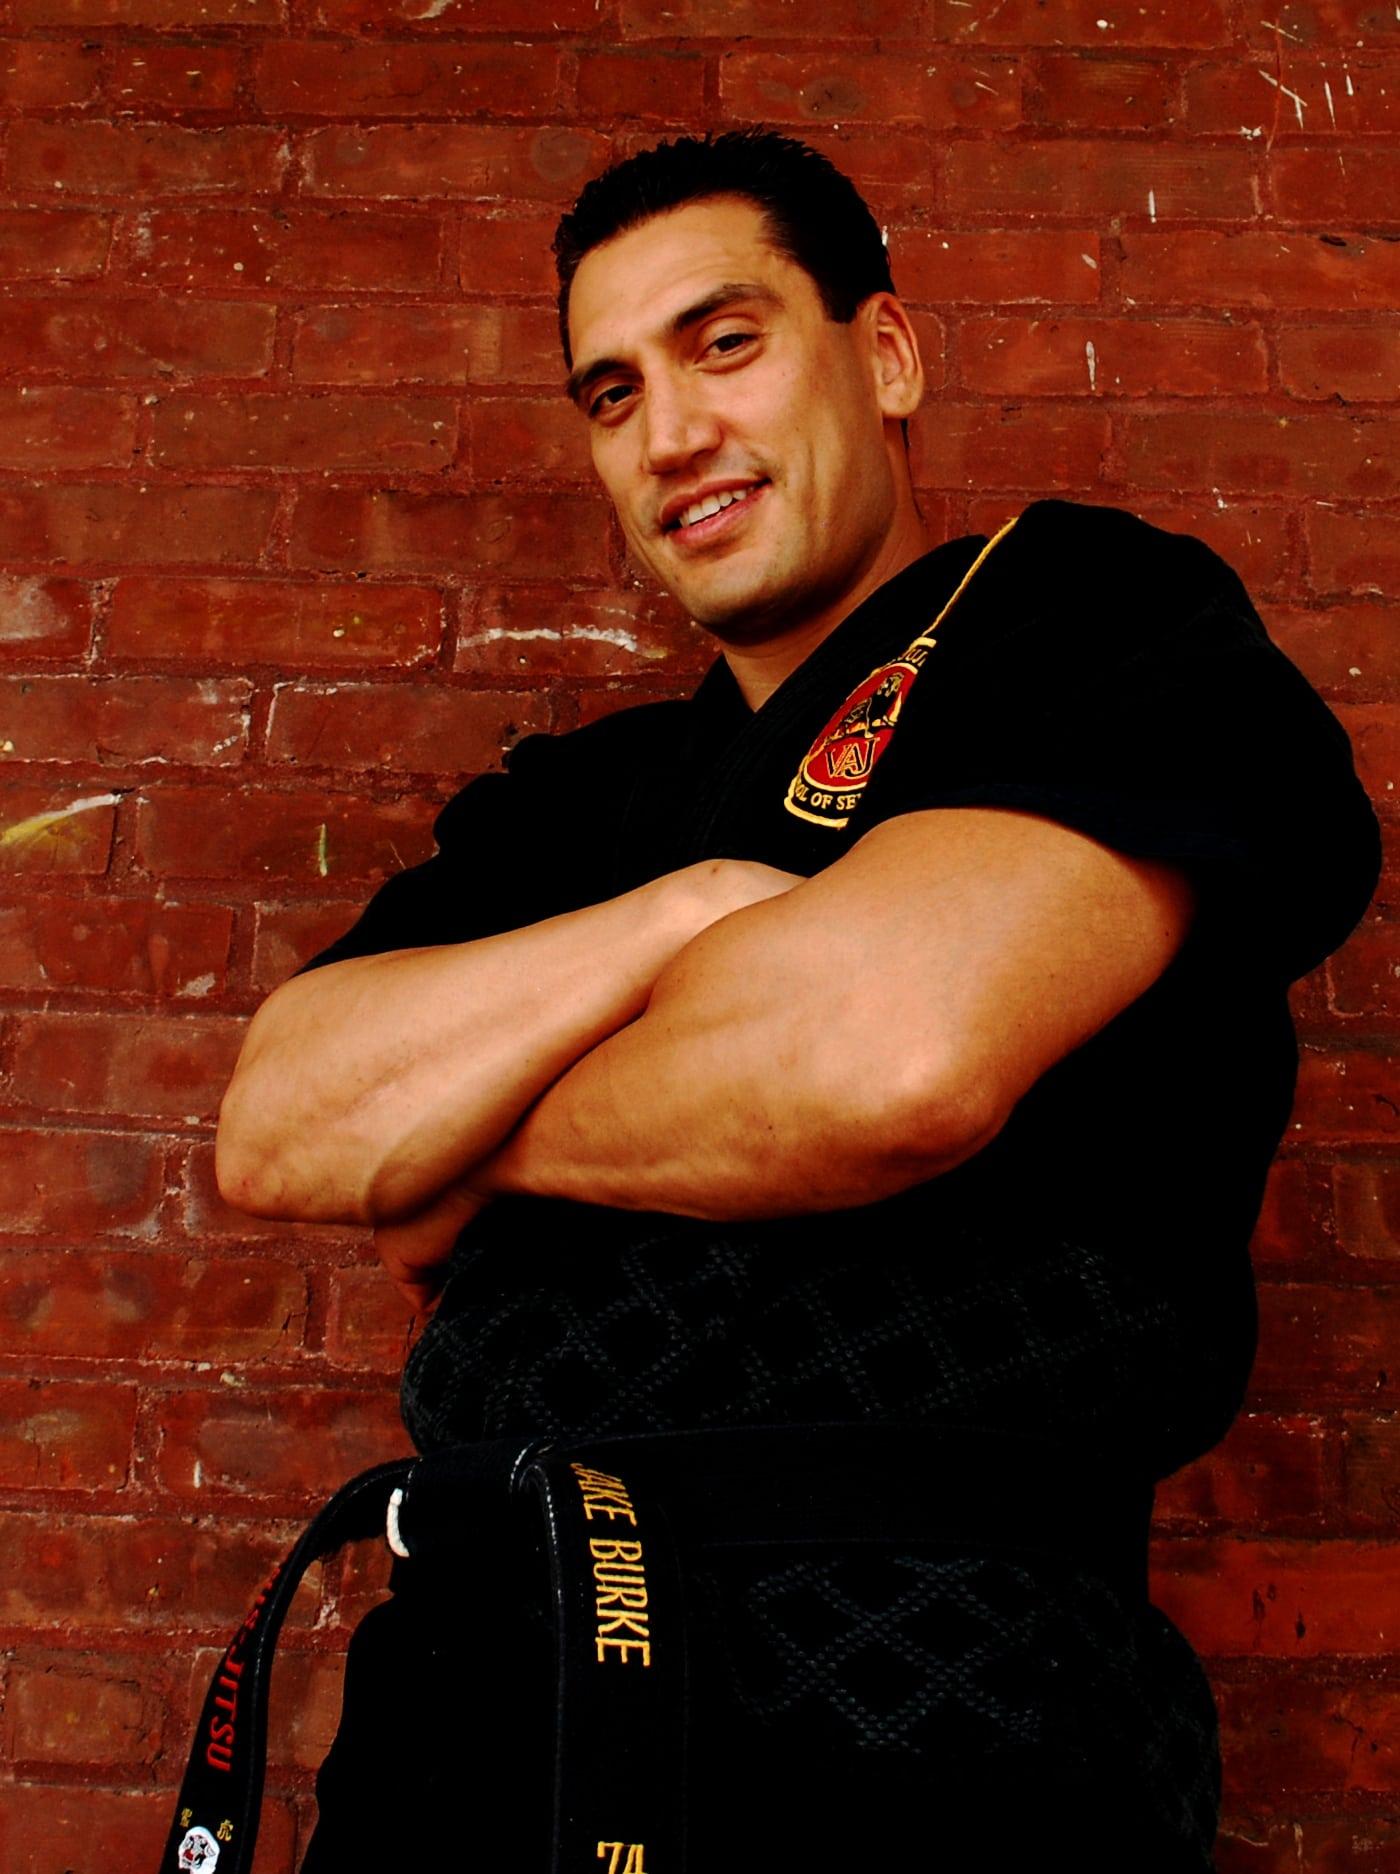 Jake Burke in Rhode Island - Burke's Martial Arts